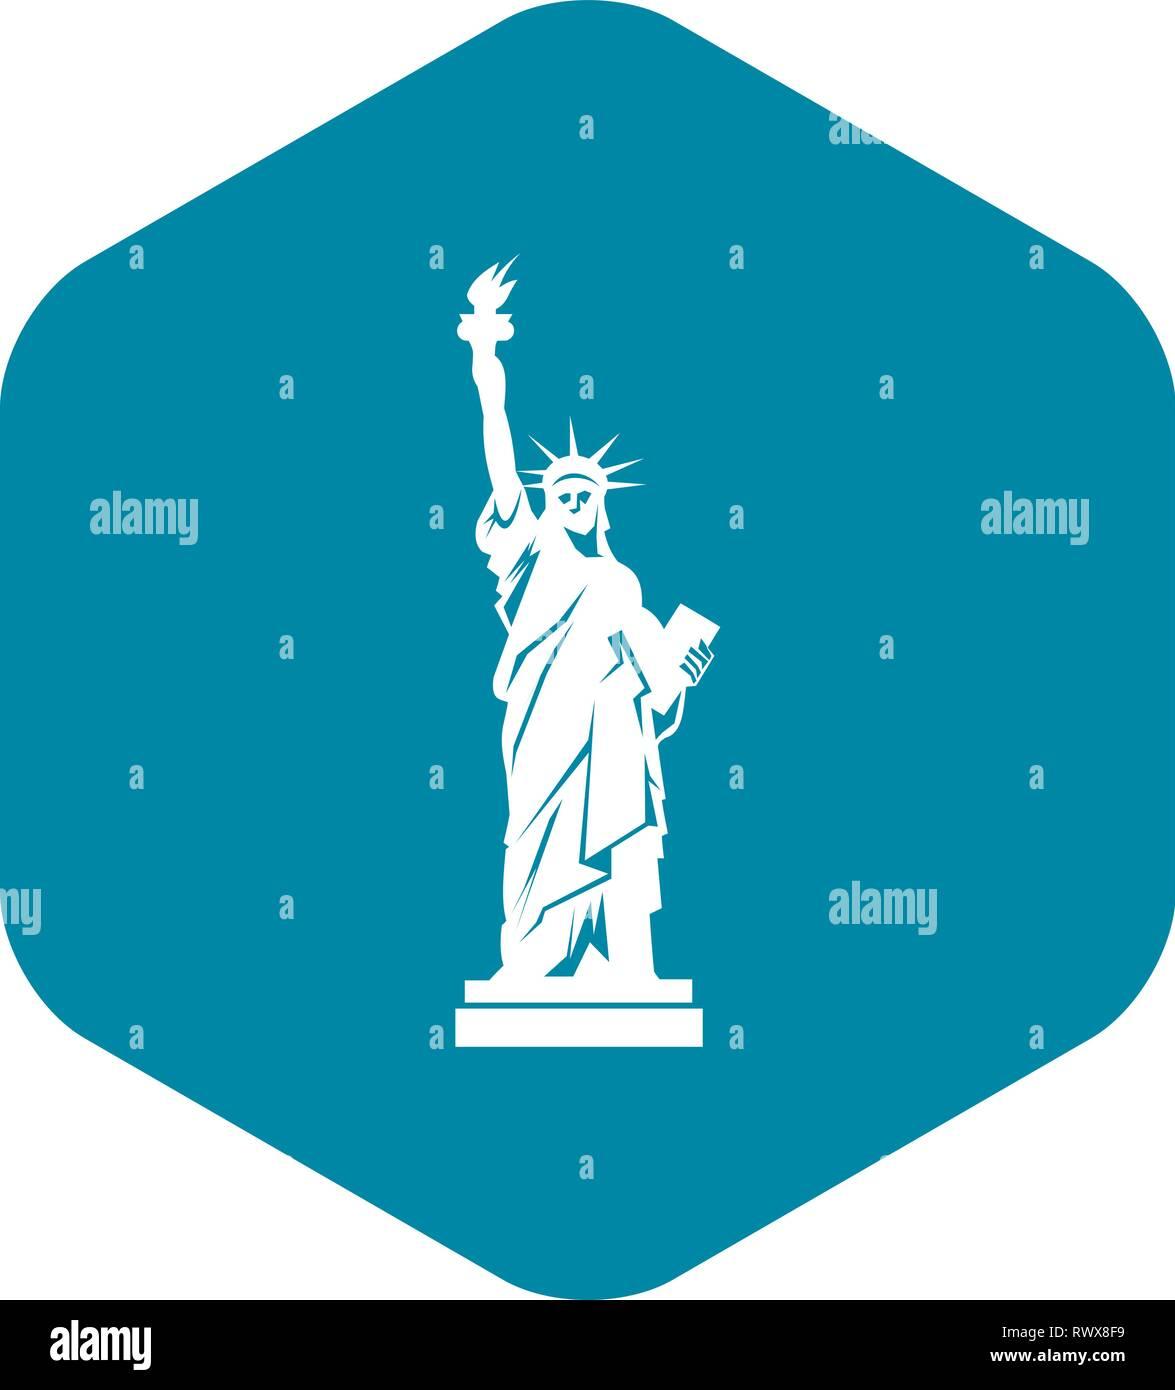 La statua della libertà, l'icona di stile semplice Immagini Stock